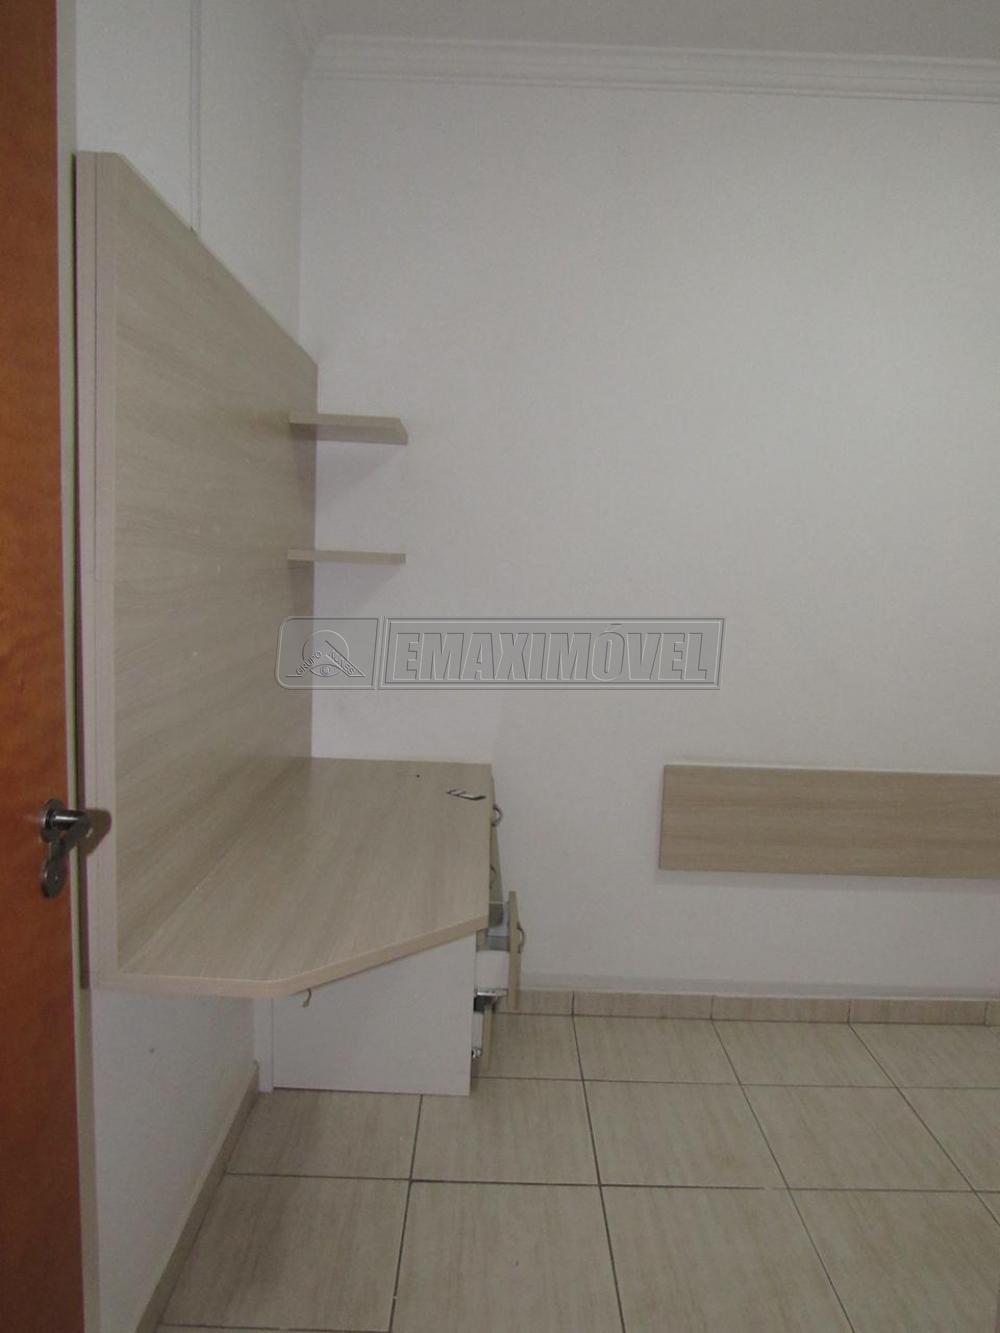 Comprar Apartamento / Padrão em Sorocaba R$ 255.000,00 - Foto 6